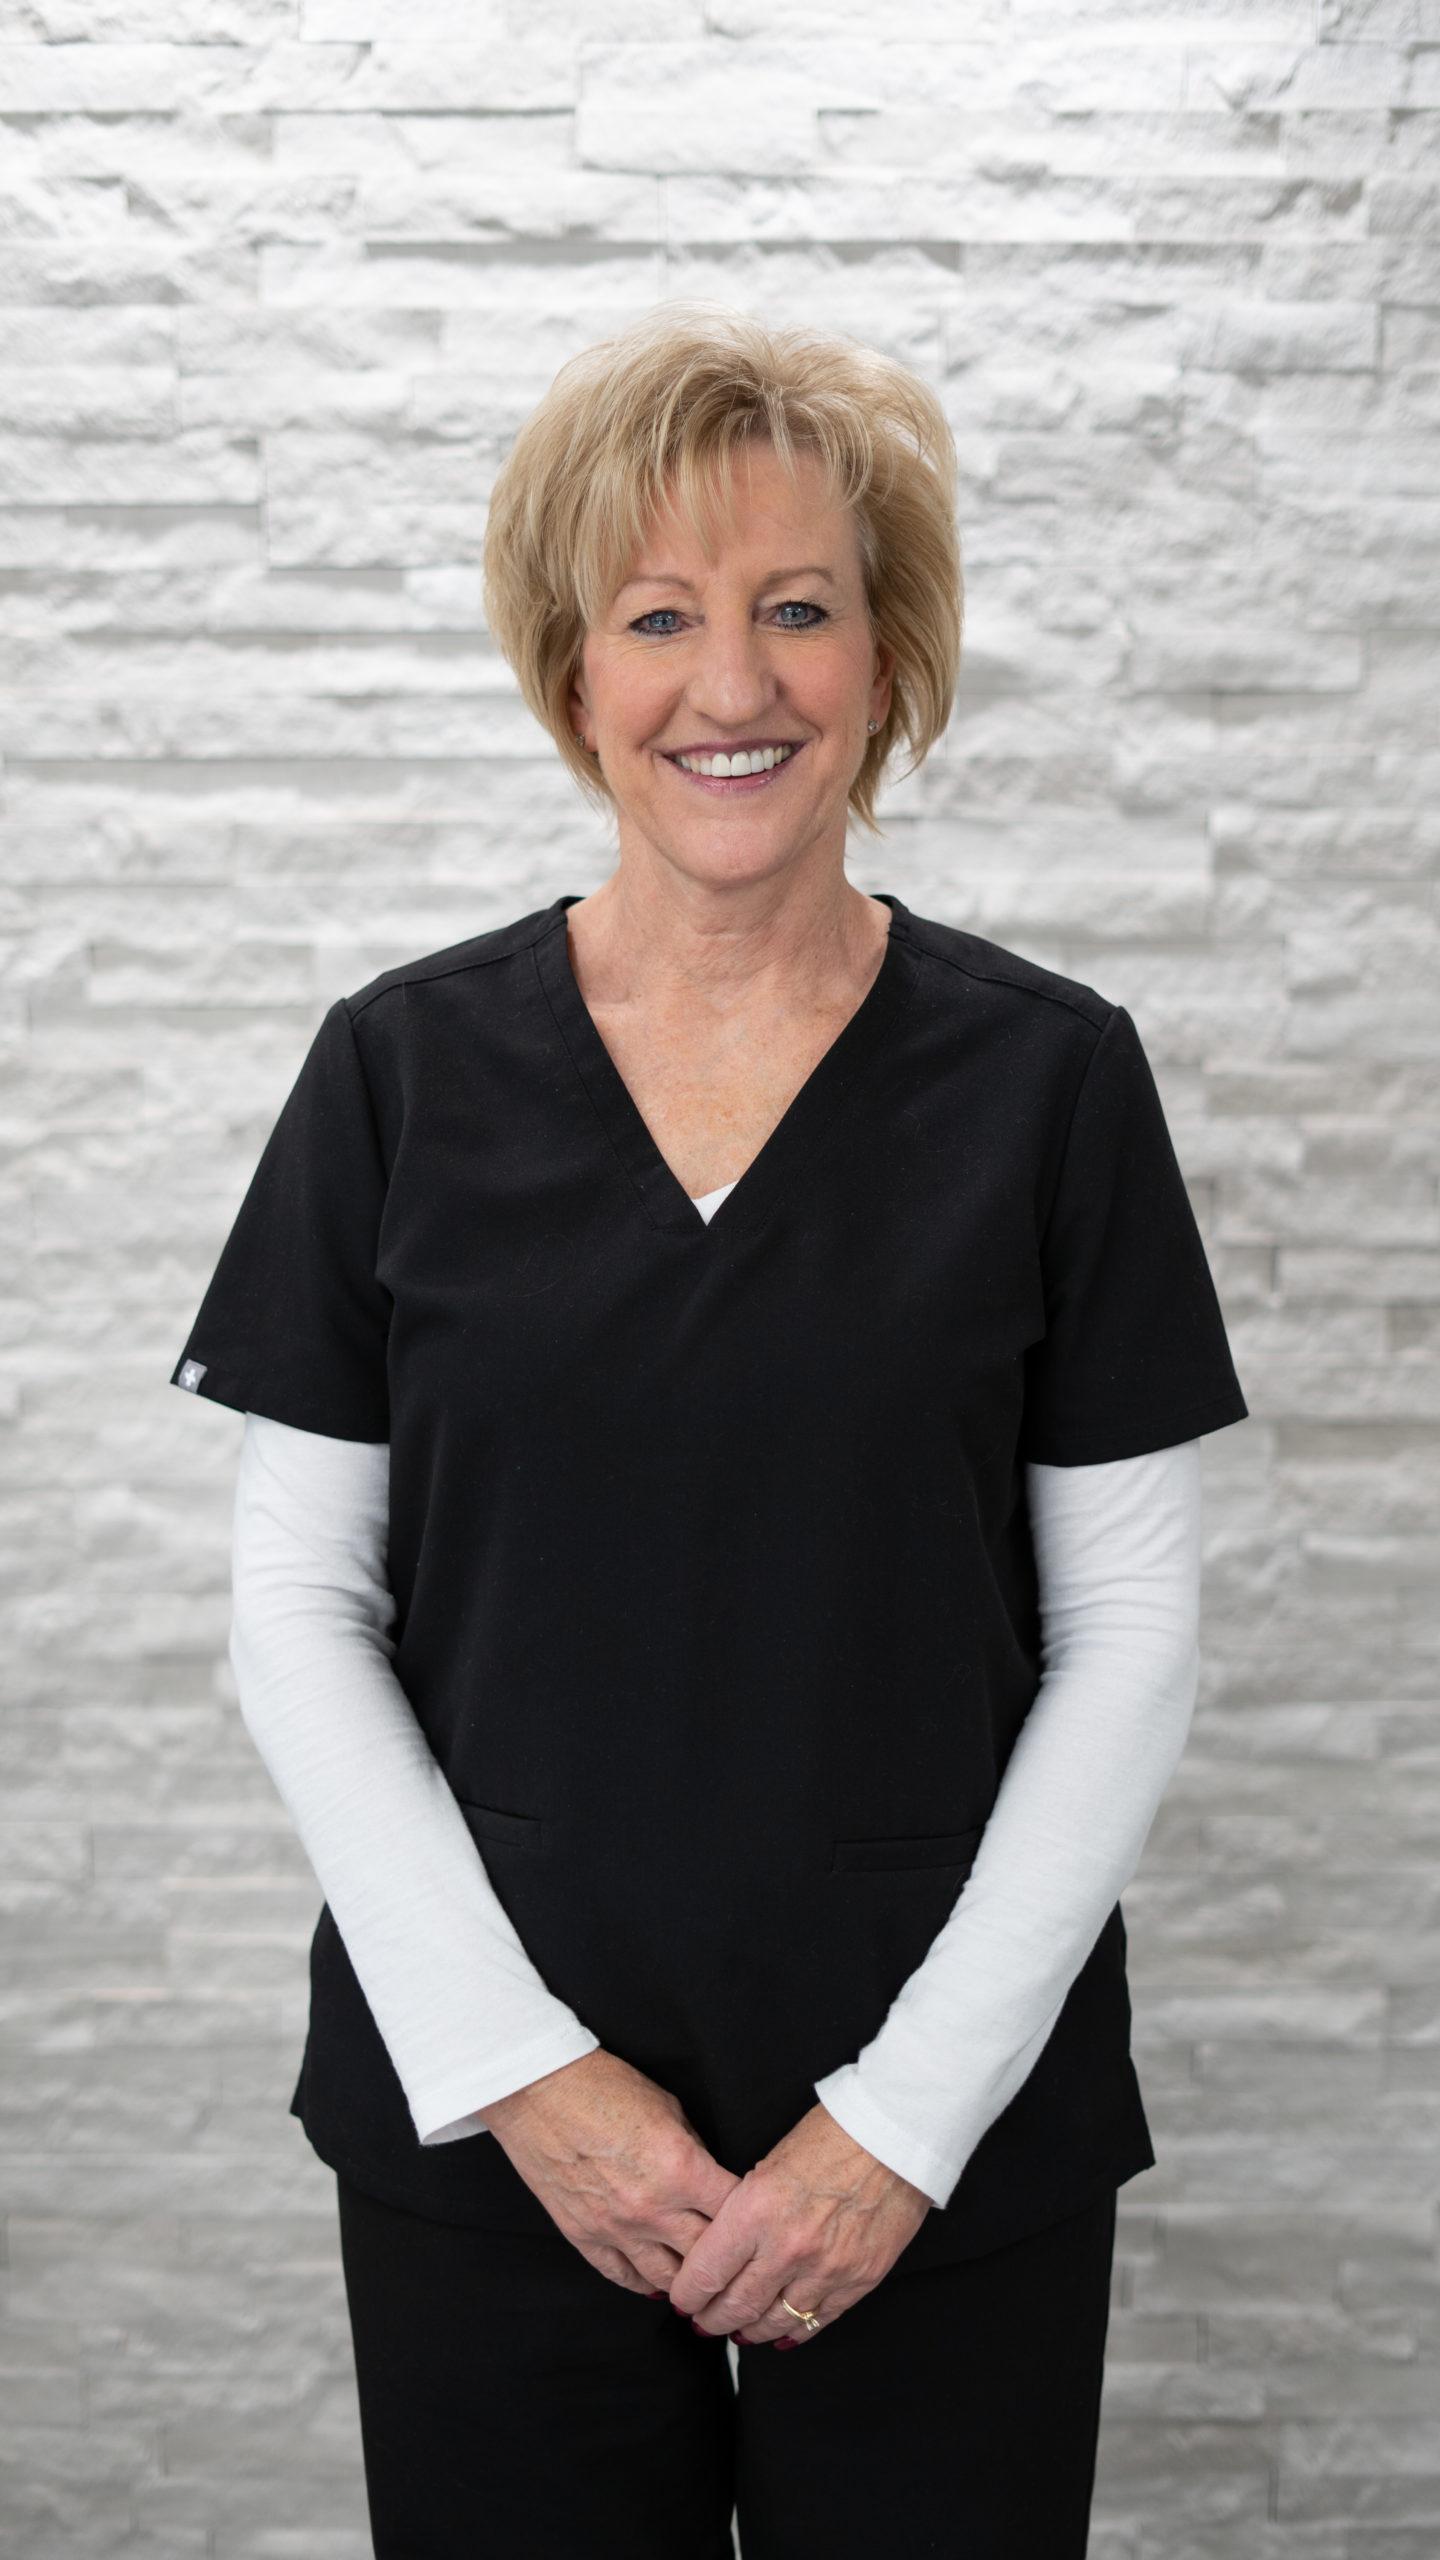 Nurse, Vascular & Vein Institute of Siouxland